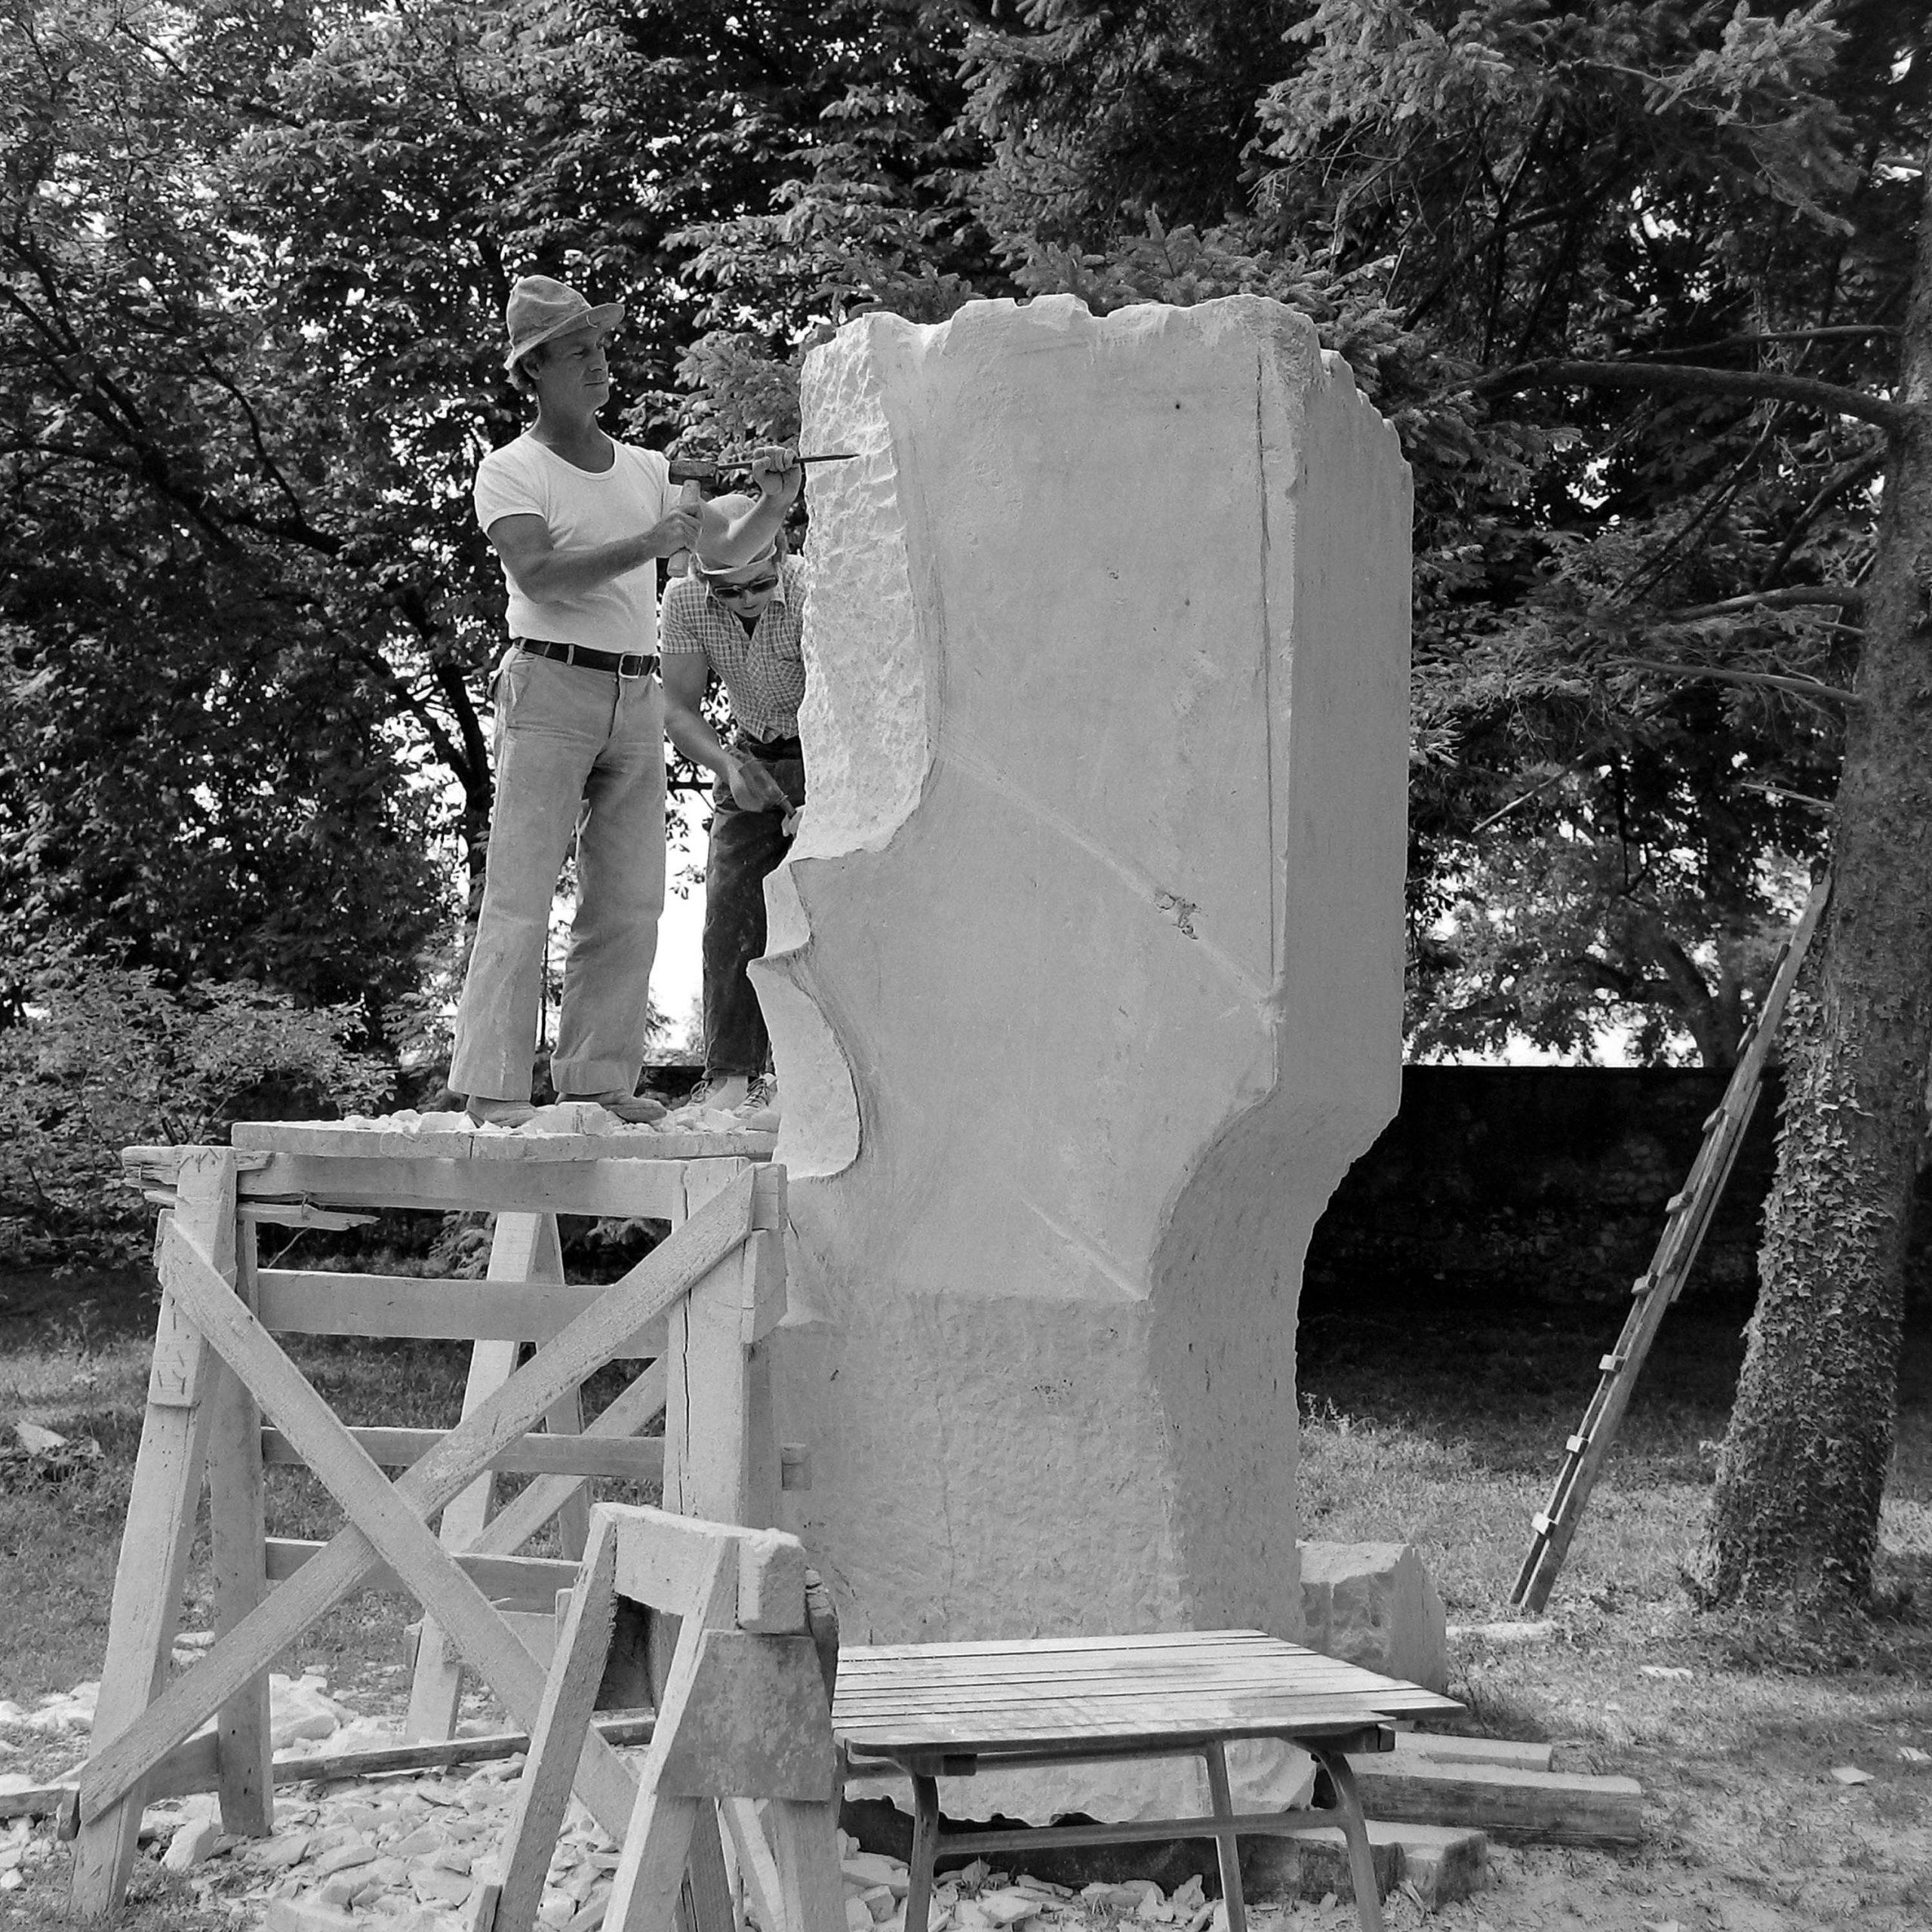 Petar Hadži Boškov, Layers, 1976